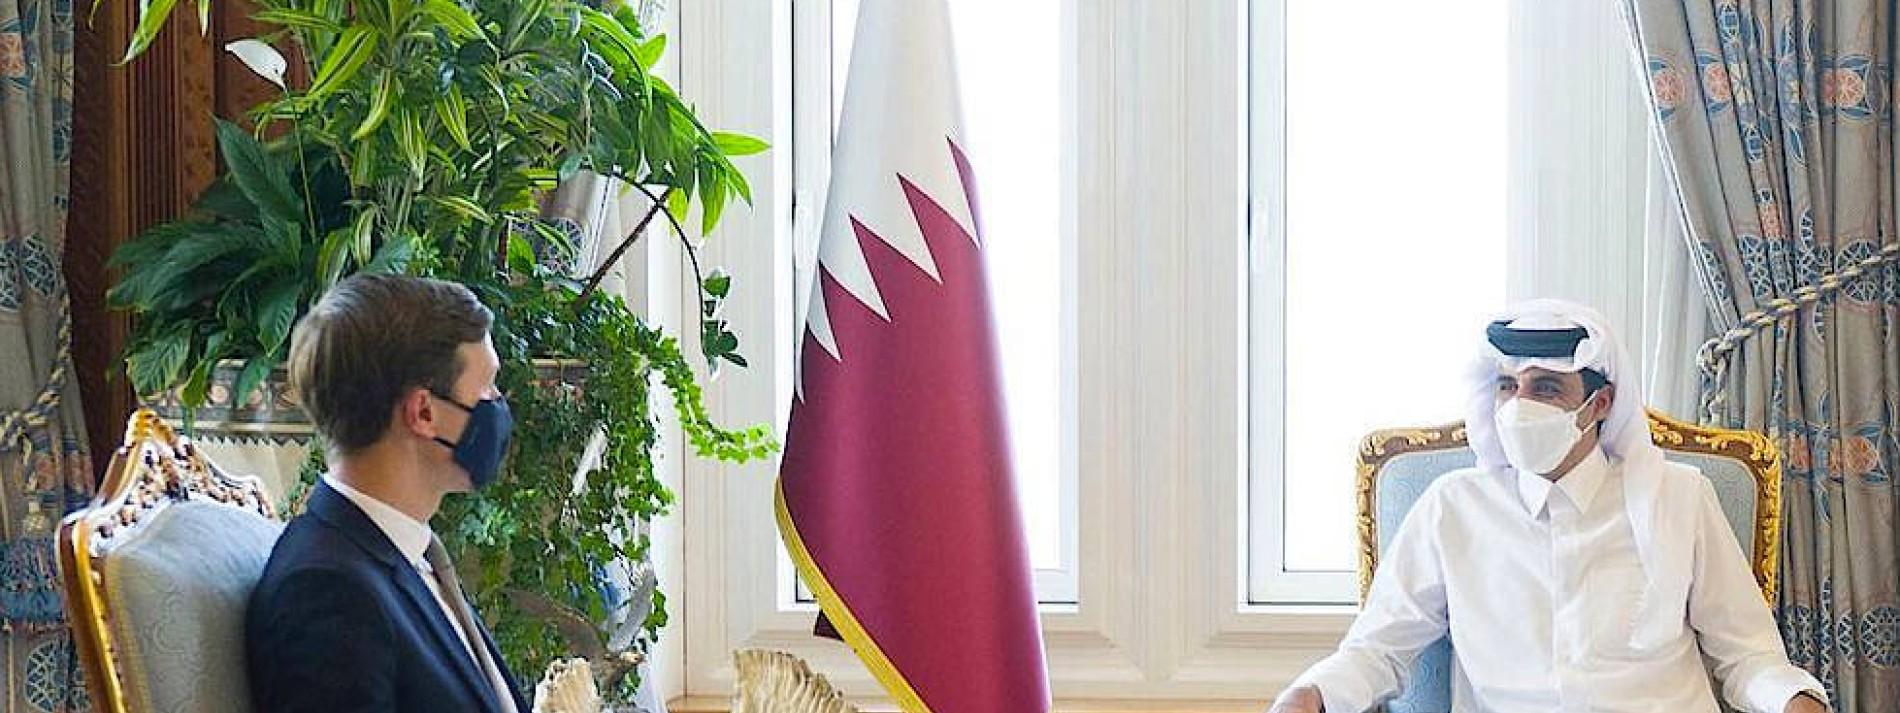 Endet das arabische Embargo gegen Qatar?